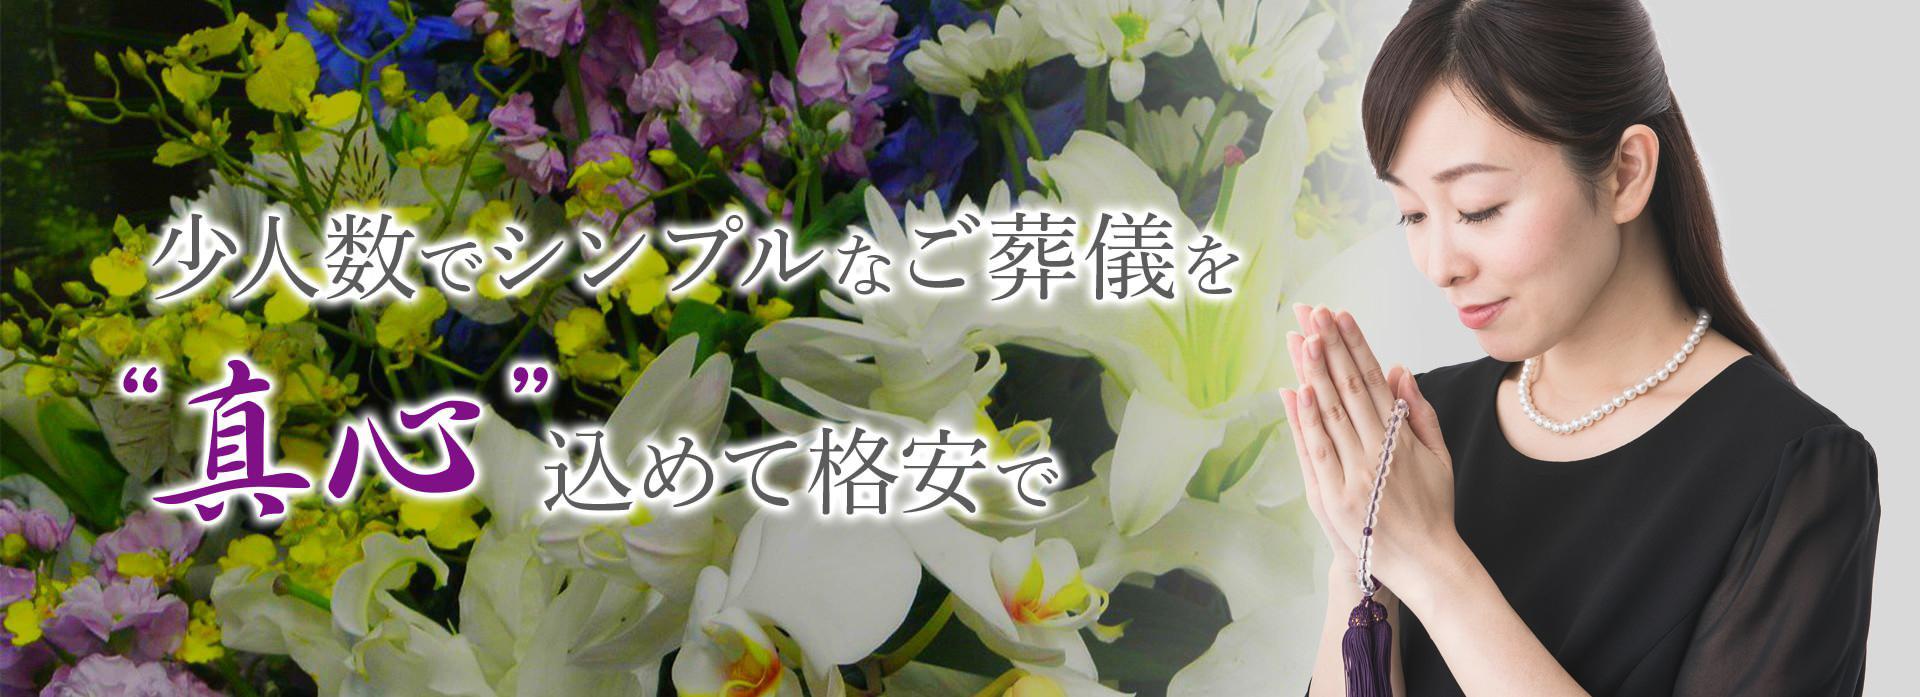 無駄をなくし、心で送るご葬儀を 少人数でシンプルなご葬儀に特化 低価格で高品質